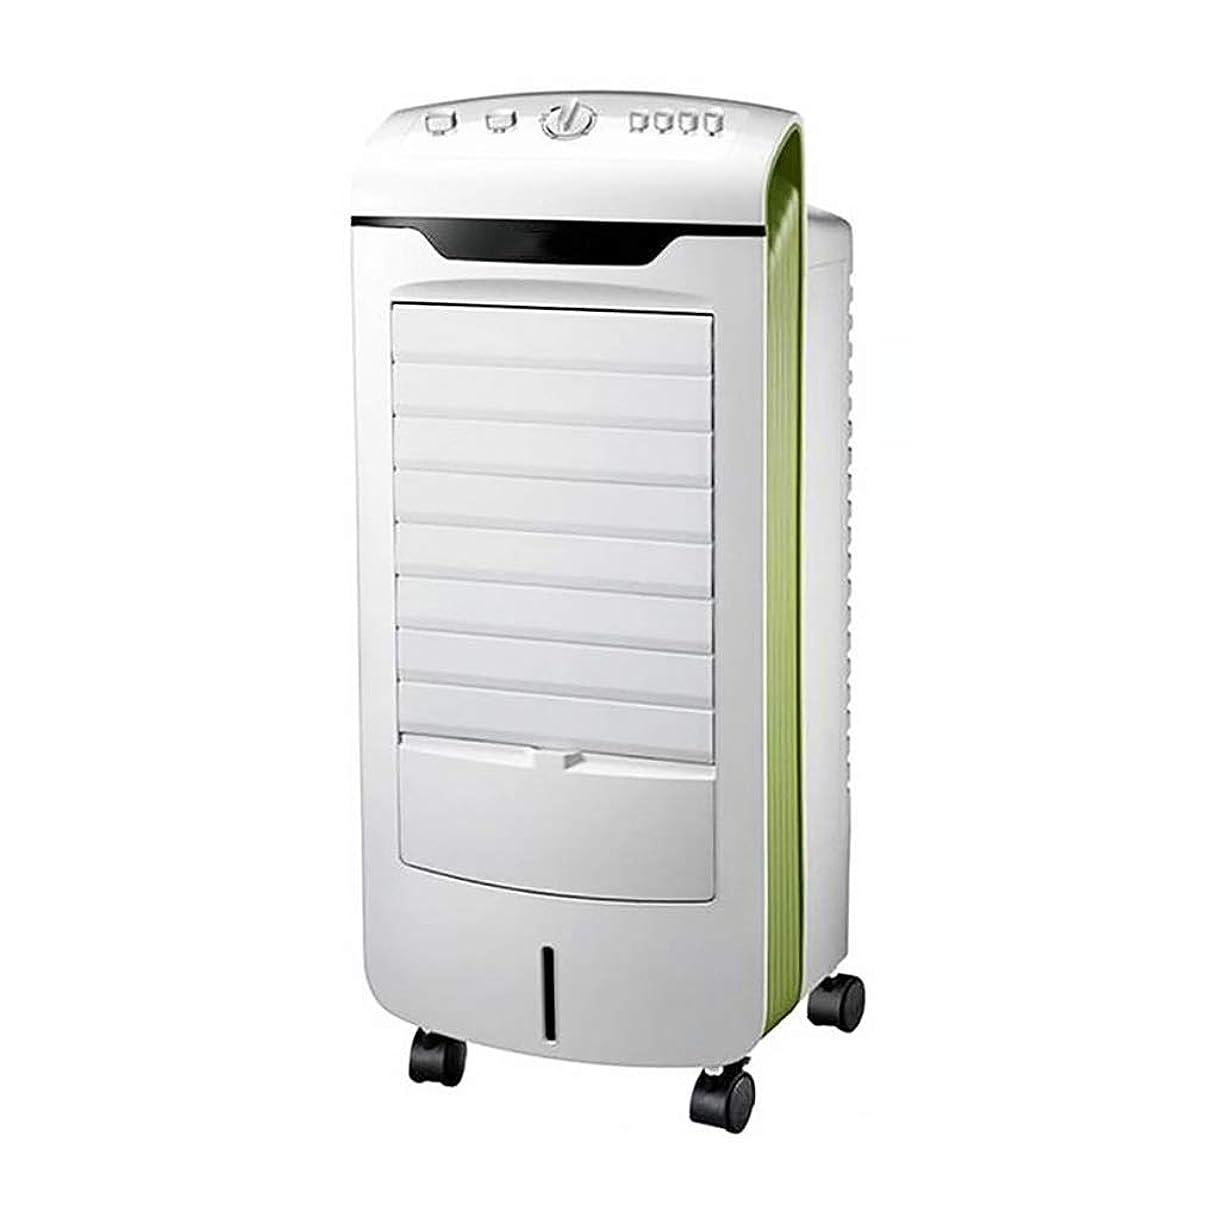 奨励荒野半円ファンモバイル自宅用クーラーポータブルオフィス低騒音扇風機小型エアコンファン リモコン付